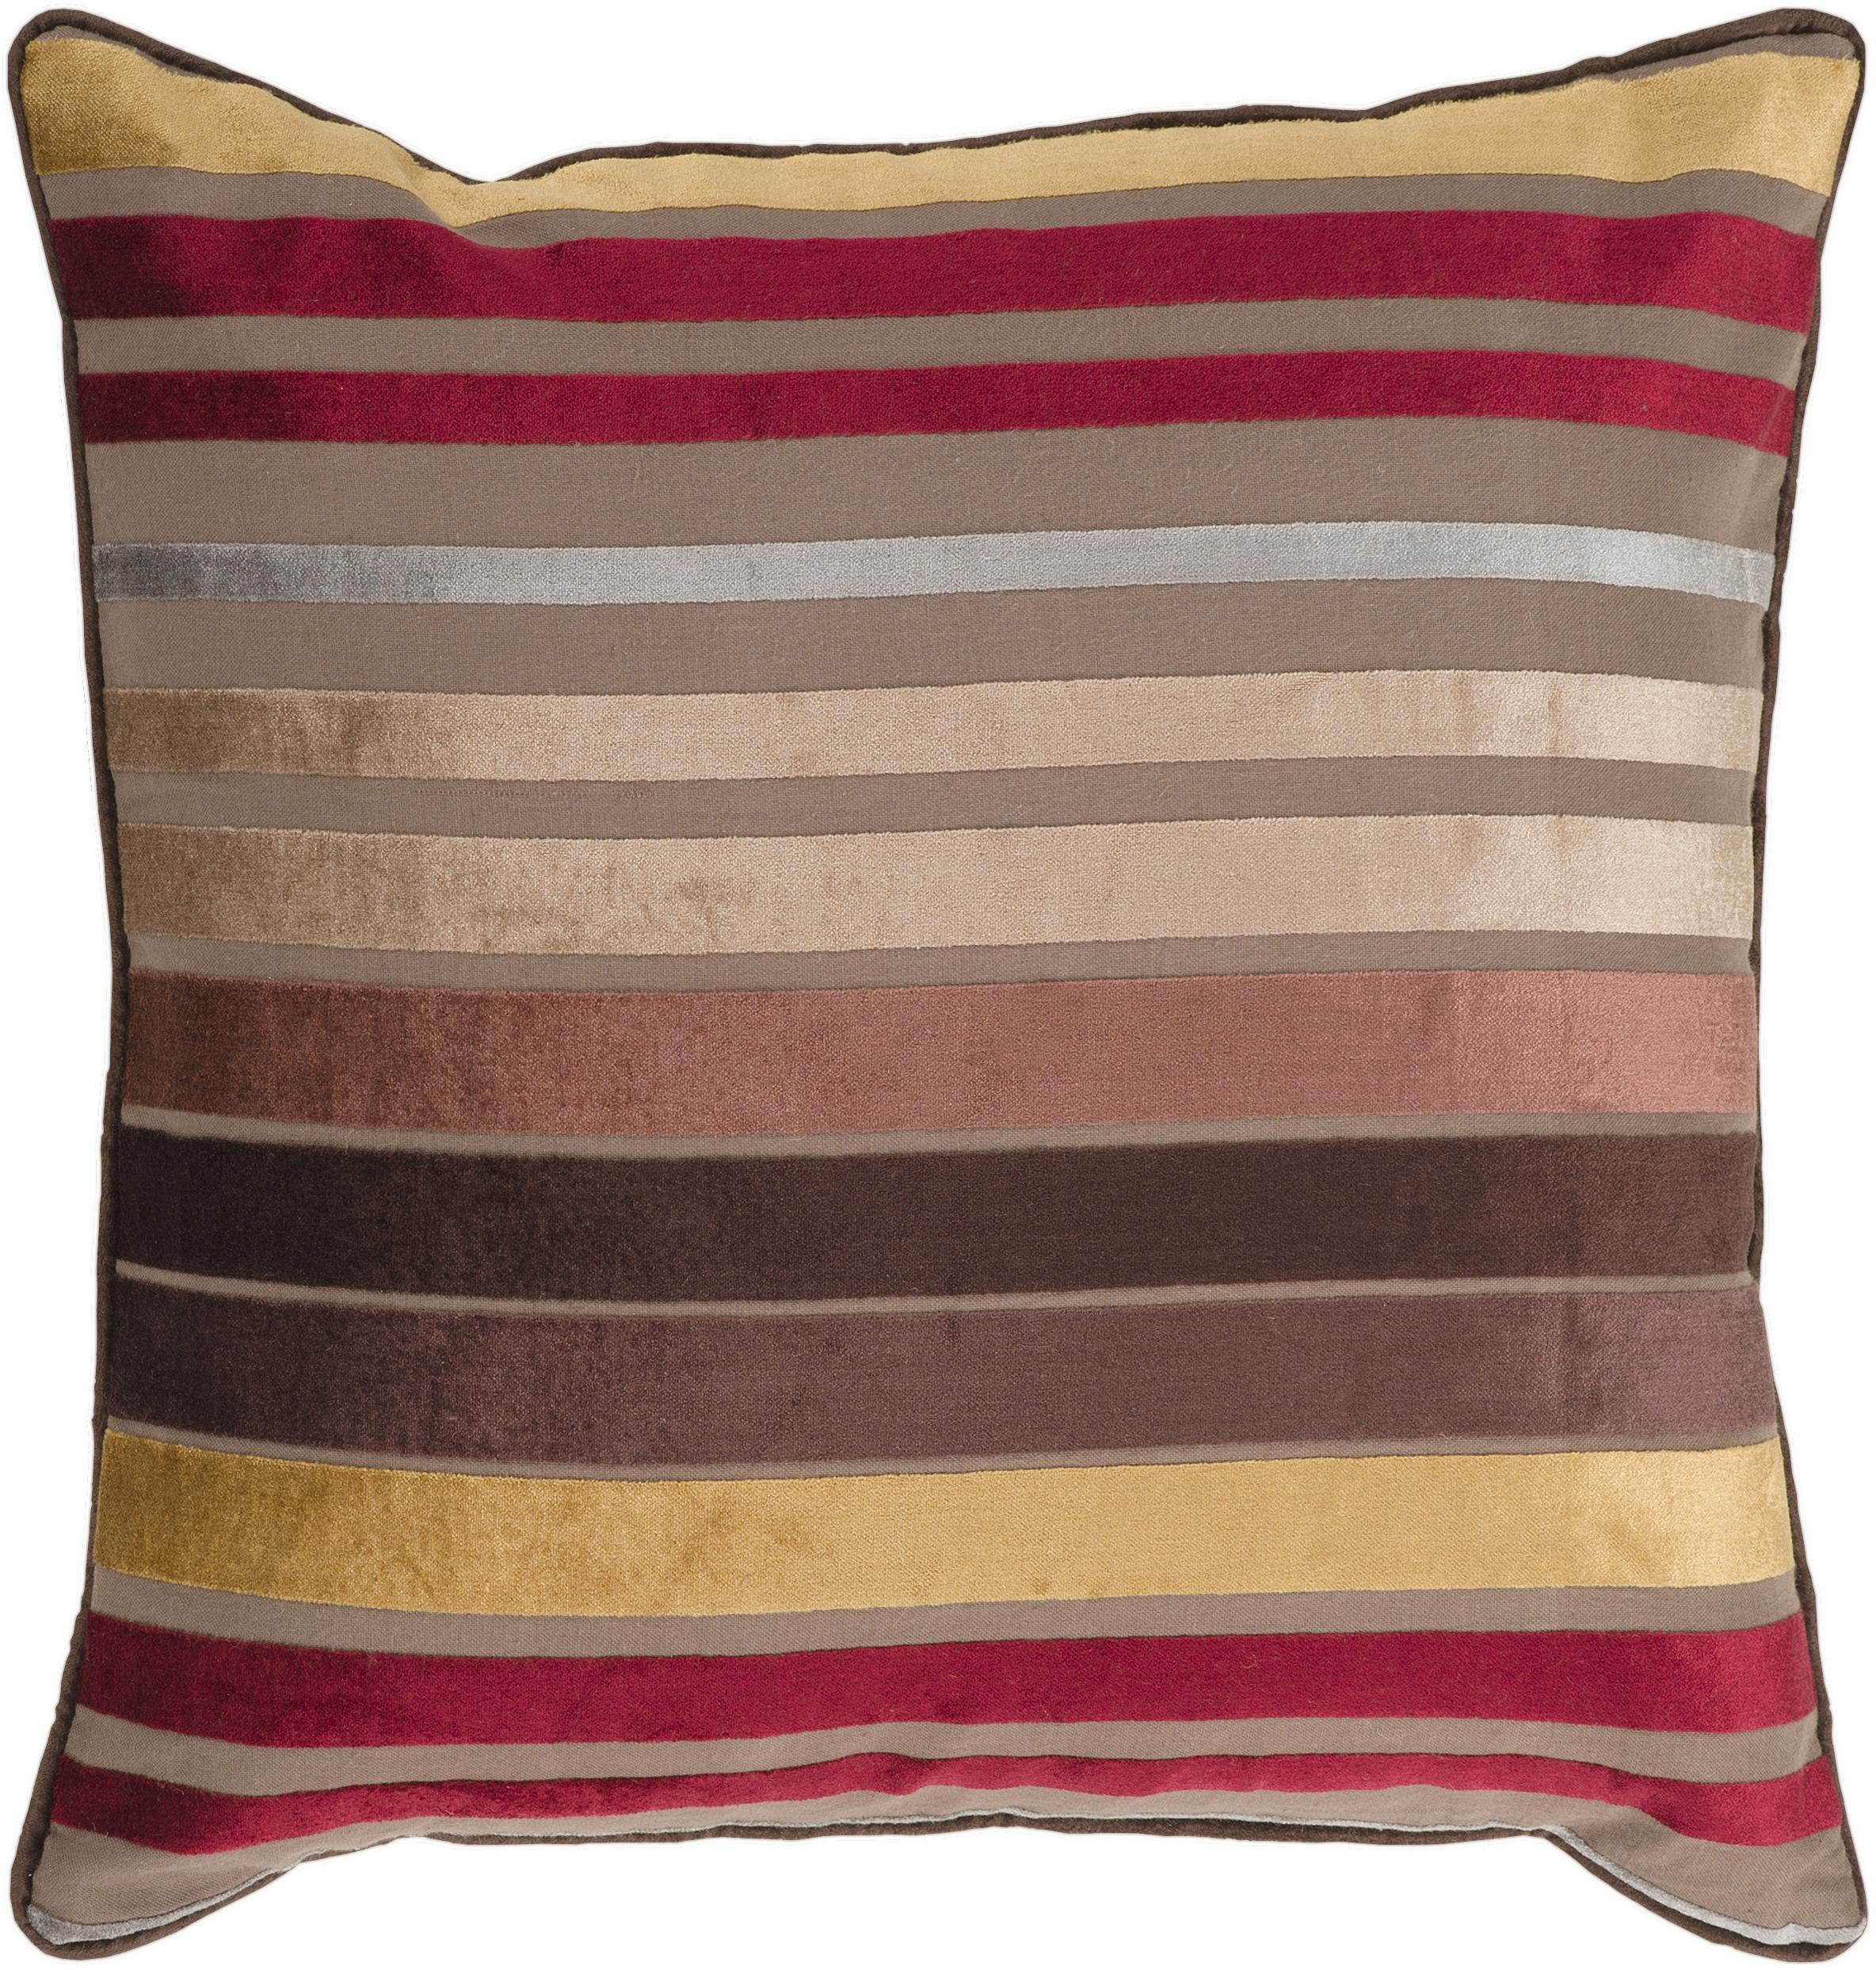 """Surya Rugs Pillows 18"""" x 18"""" Pillow - Item Number: JS023-1818P"""